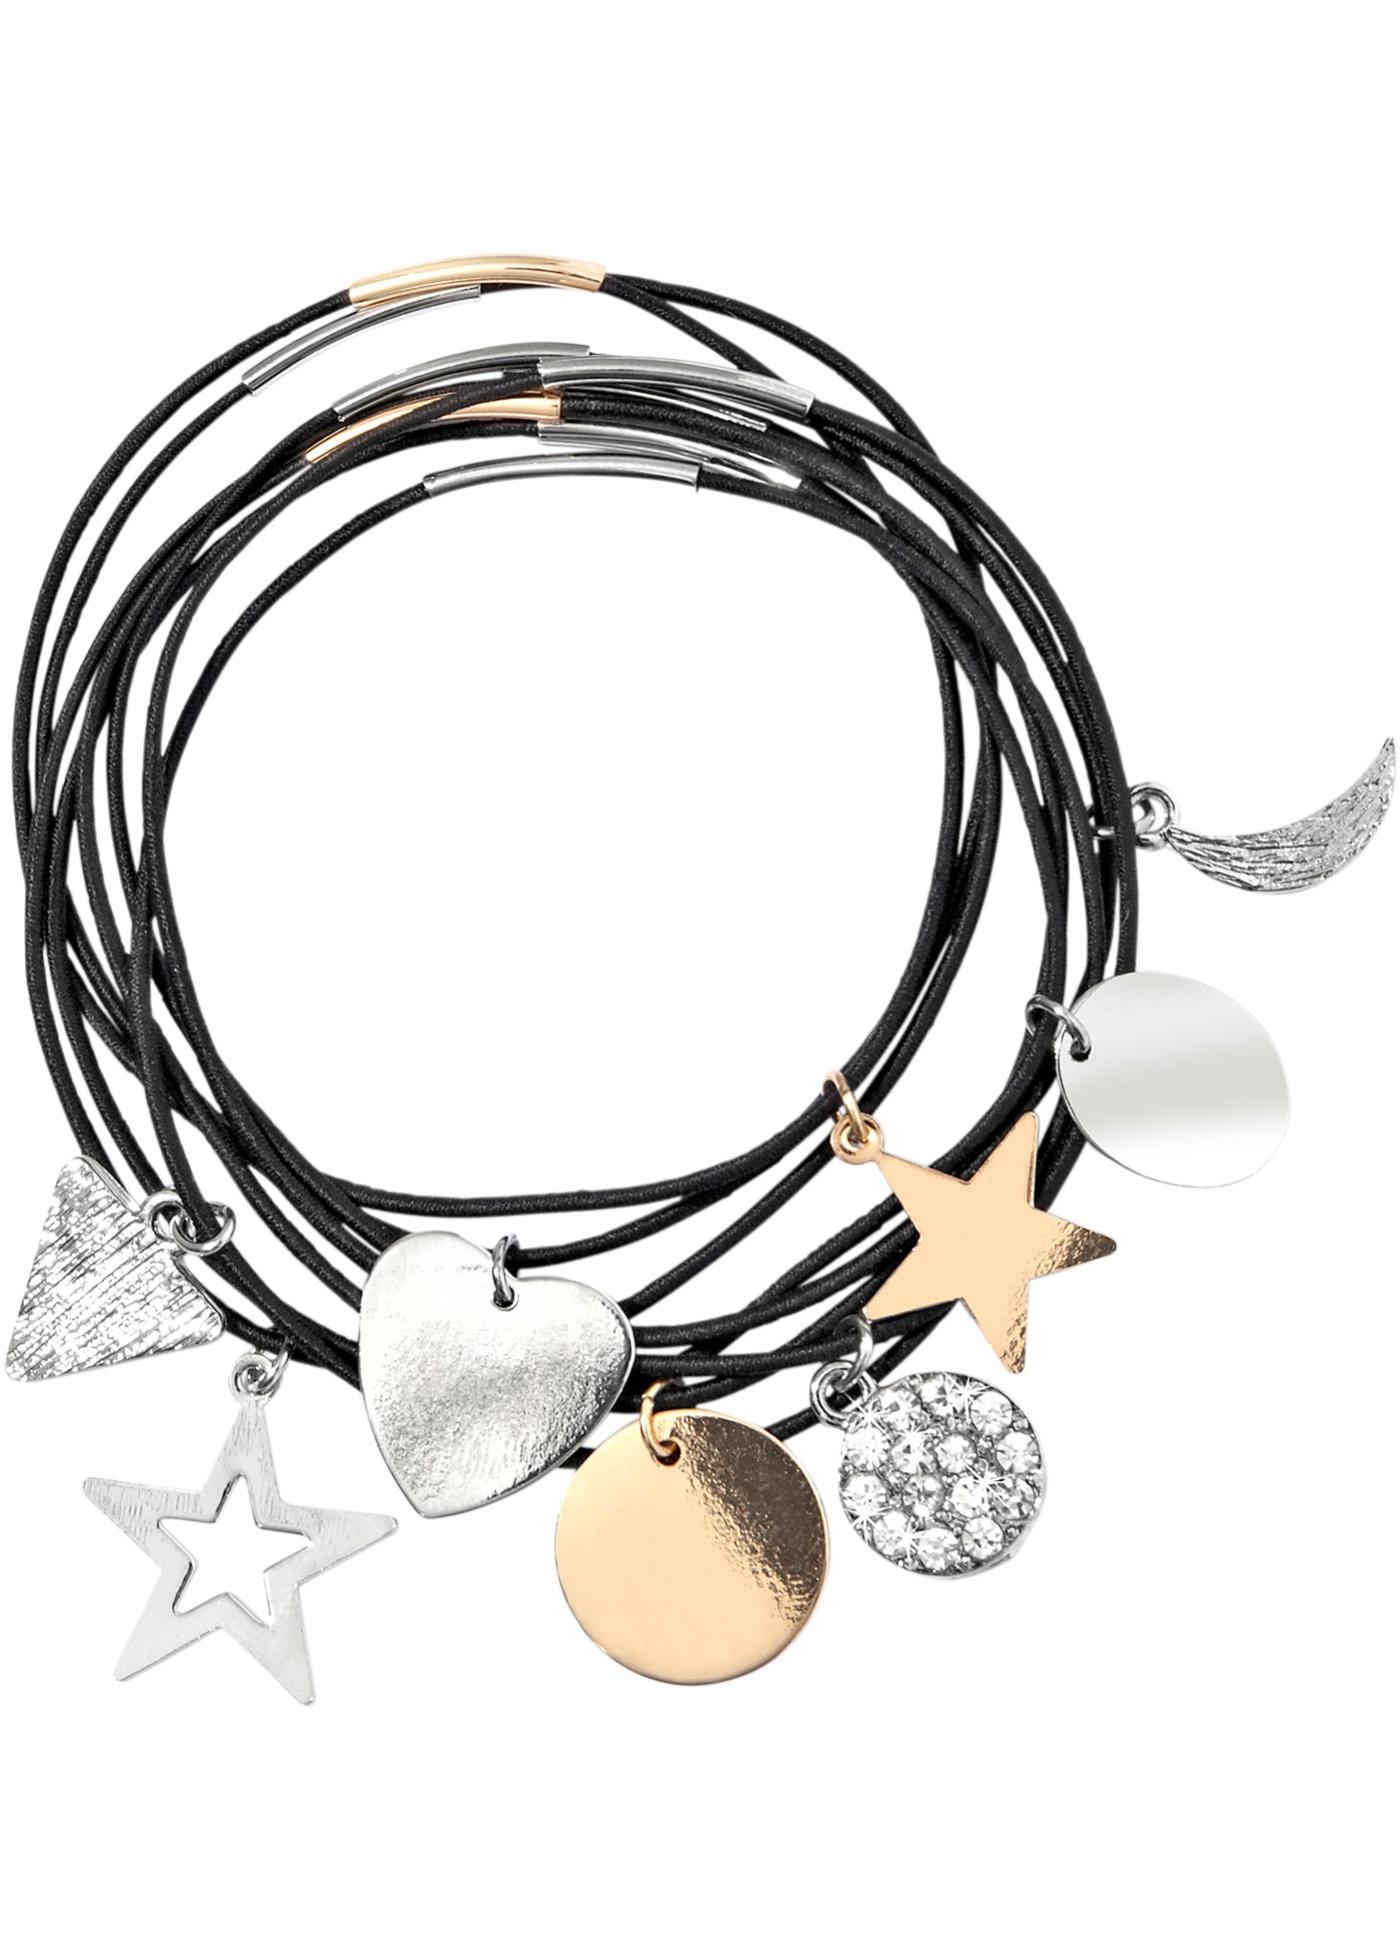 Bracelets élastiques, avec breloques. Diamètre env. 18 cm.